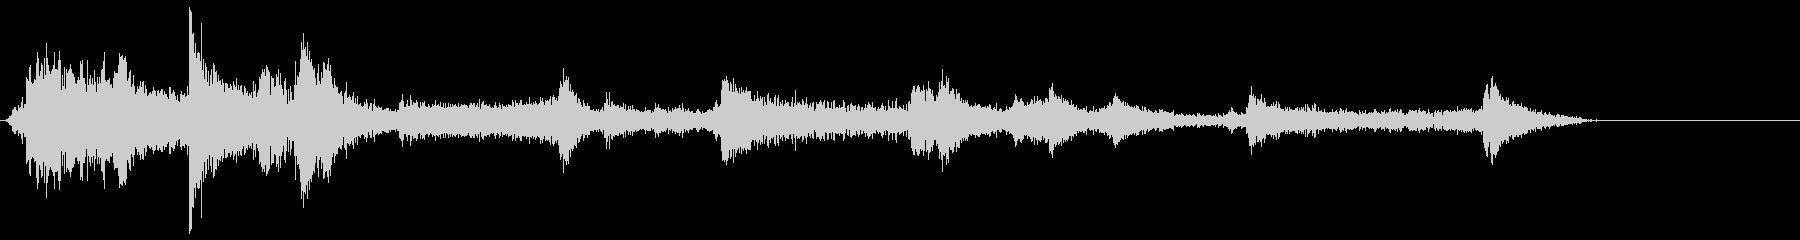 ハイテクドアコンプ1の未再生の波形